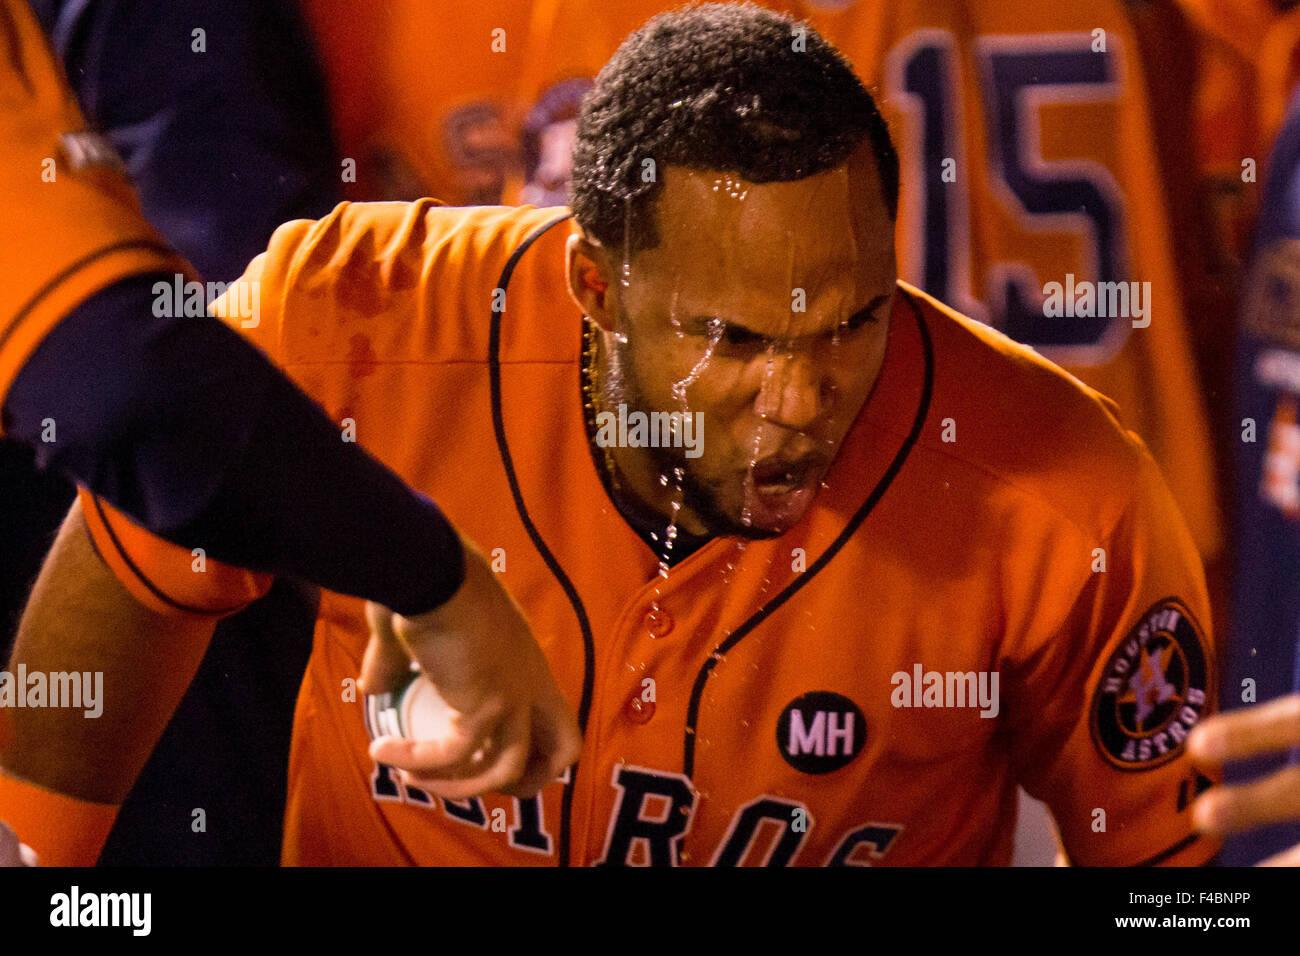 Kansas City, MO, Estados Unidos. 14 Oct, 2015. Luis Valbuena #18 de los Astros de Houston celebra después de Imagen De Stock